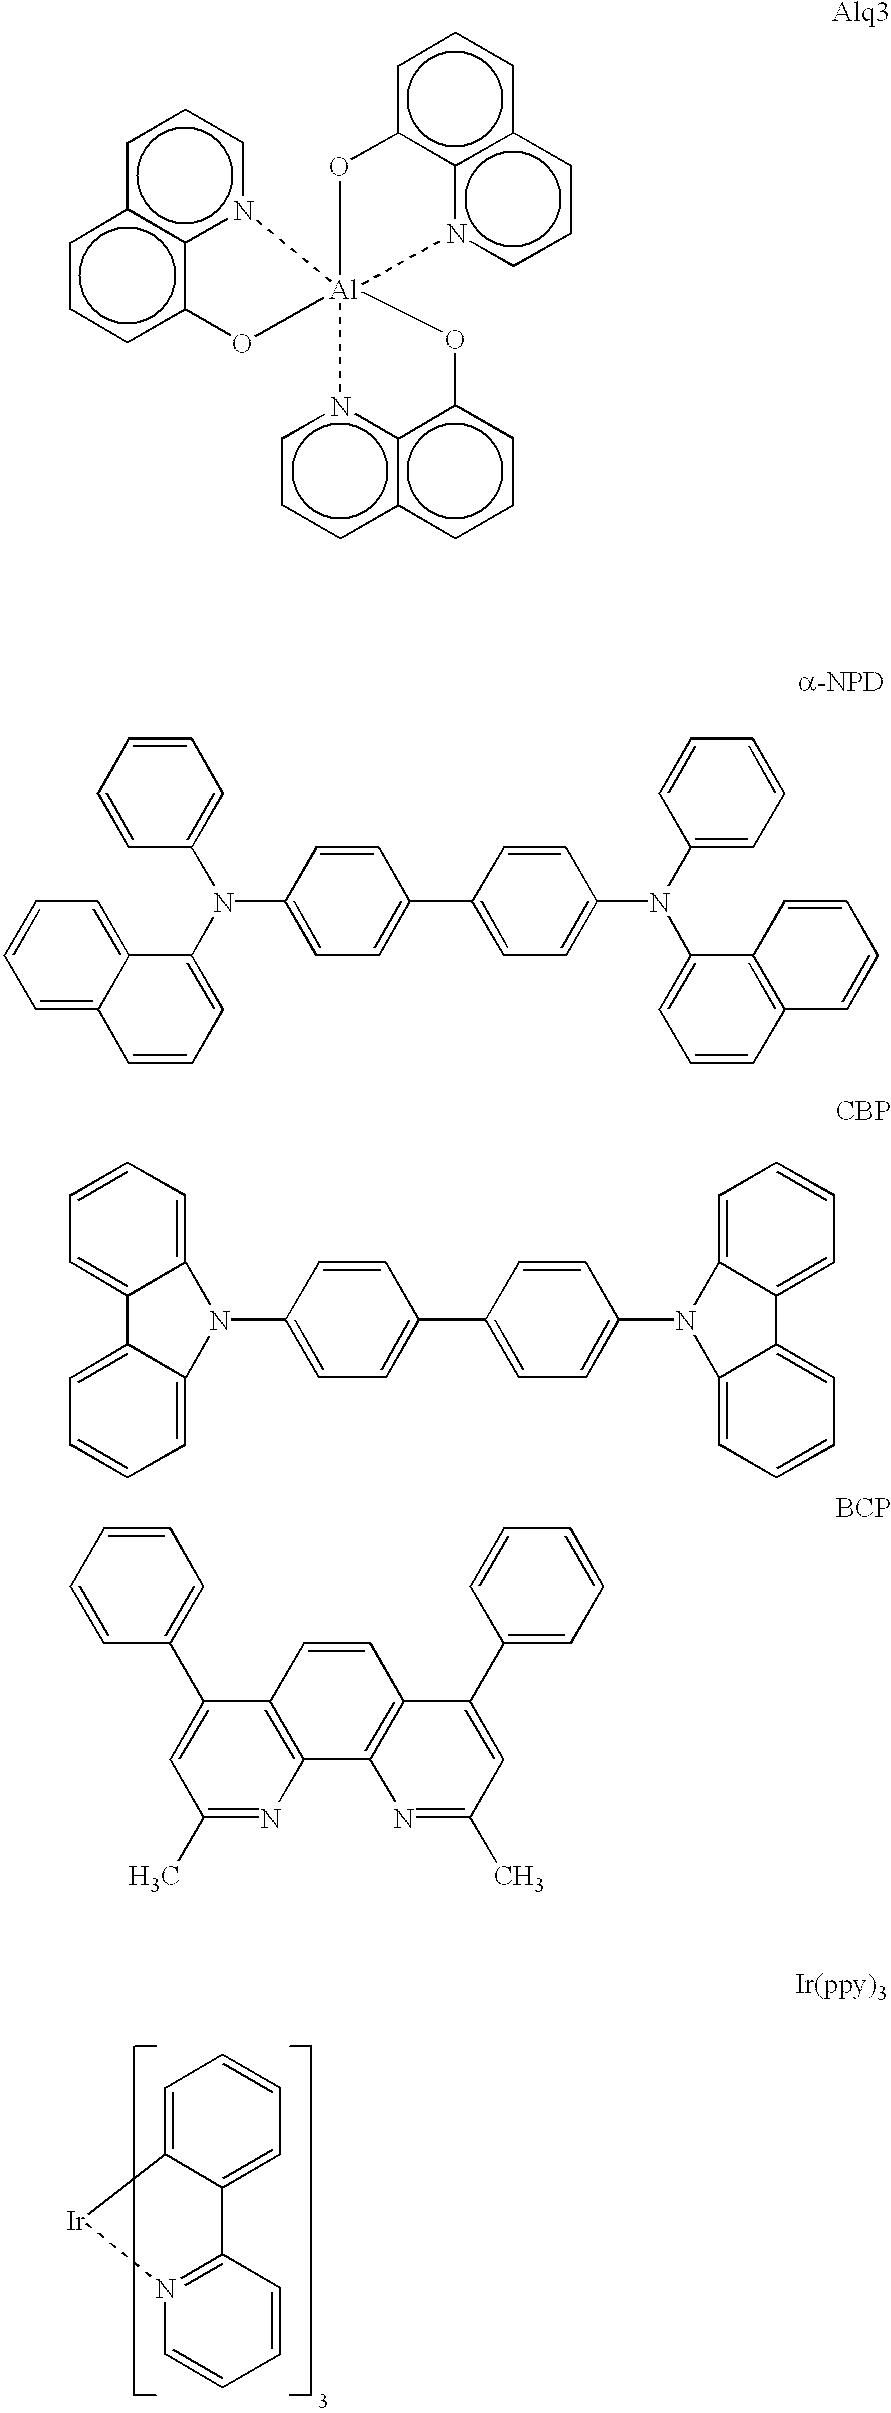 Figure US20030054198A1-20030320-C00002